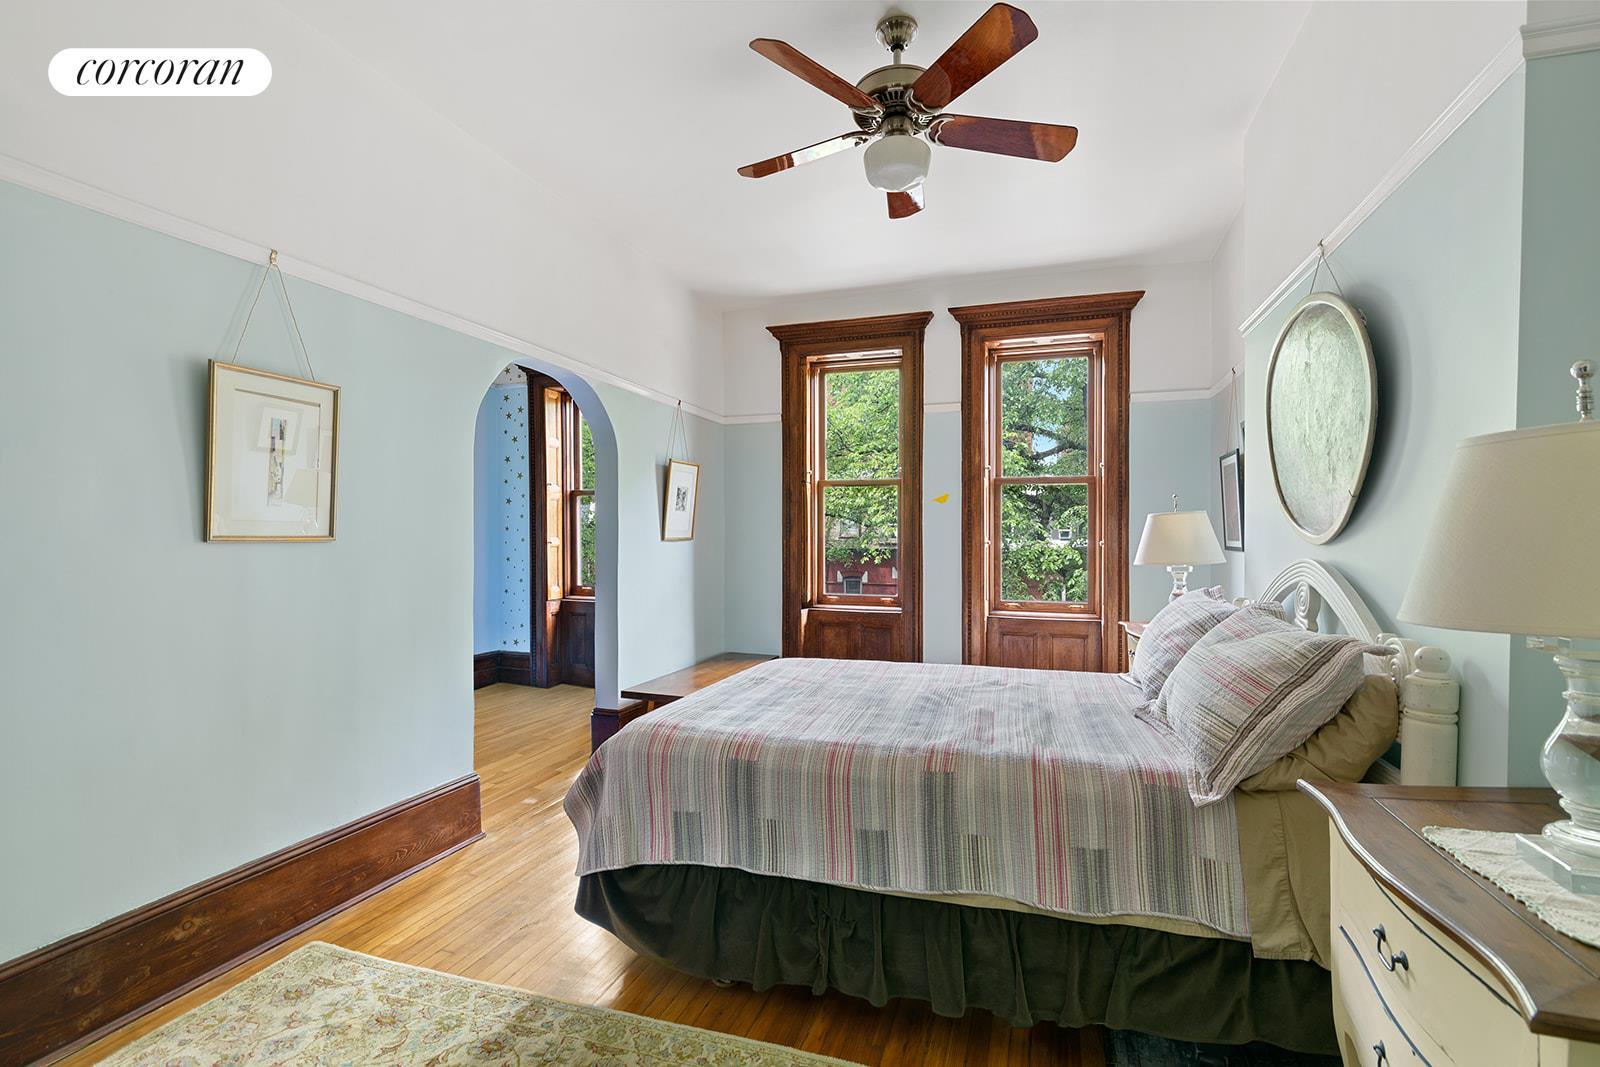 416 West 154th Street Hamilton Heights New York NY 10032